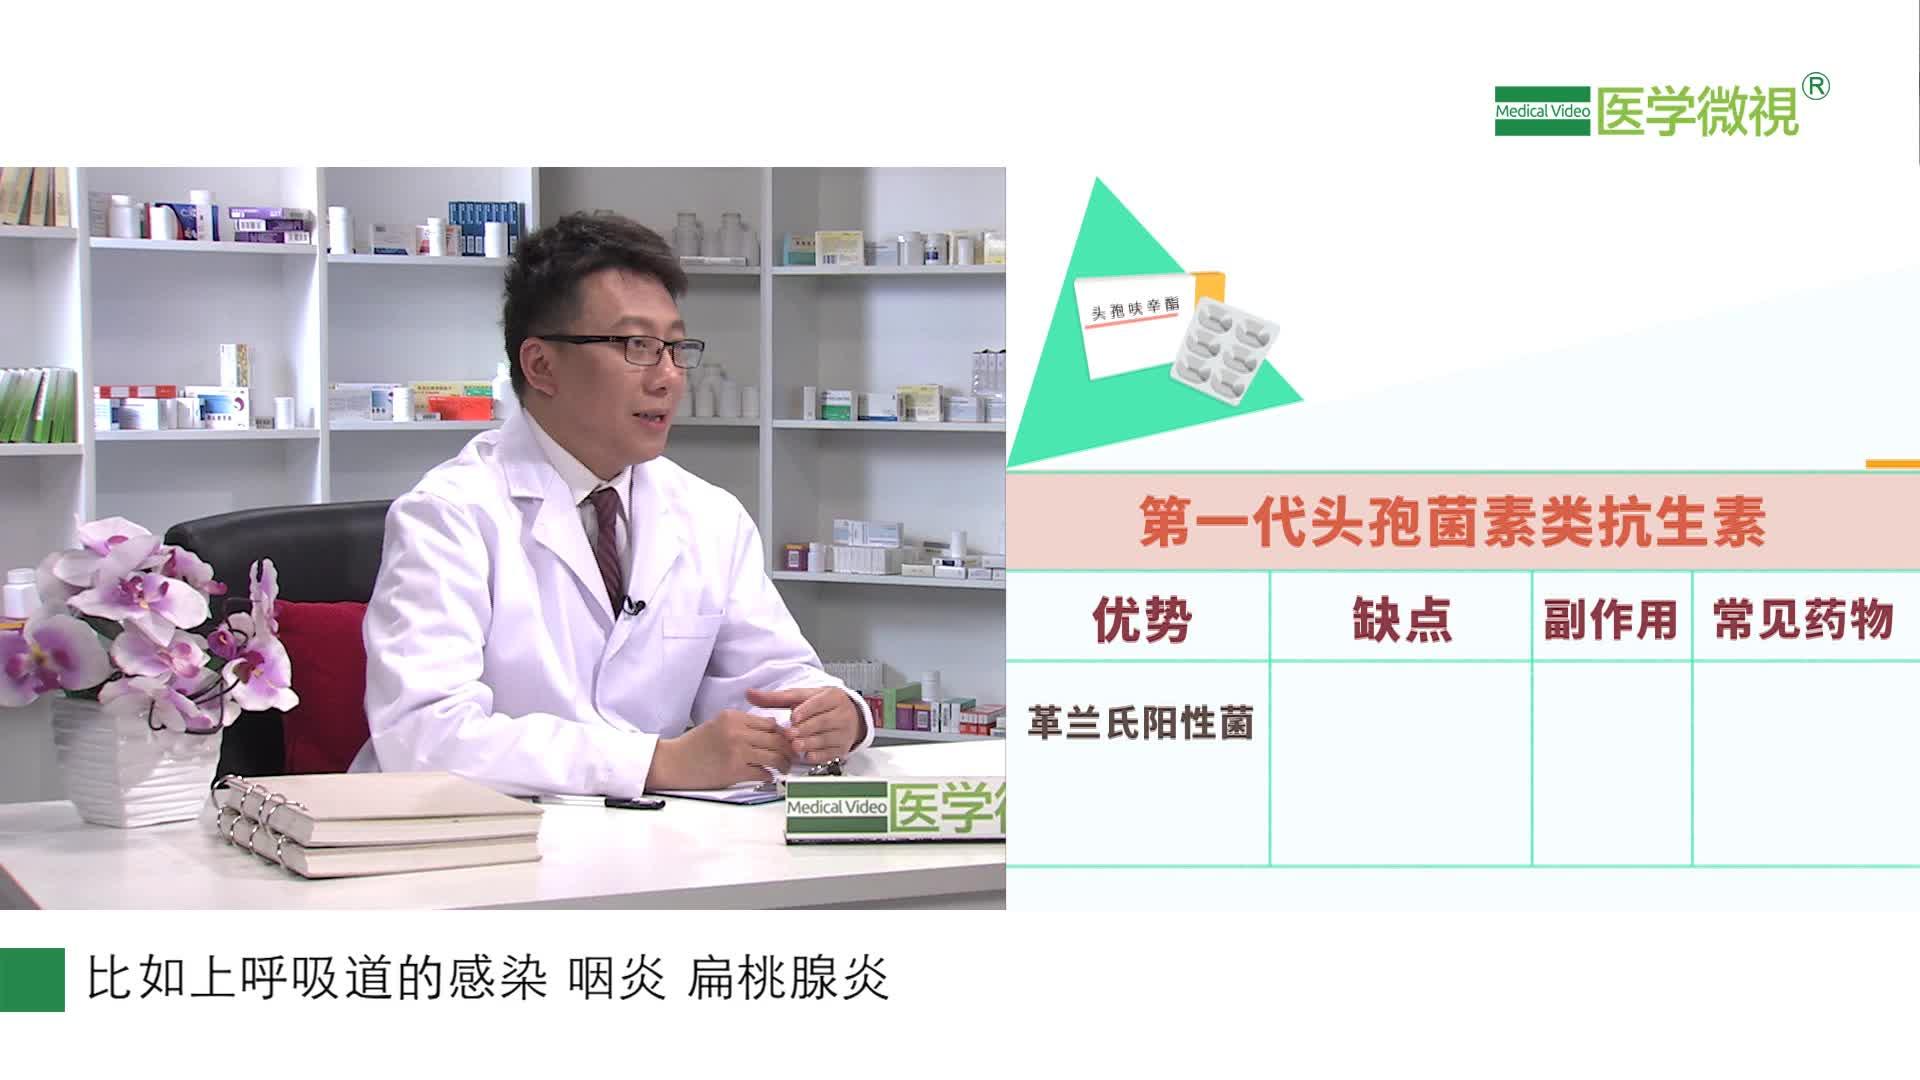 第一至五代头孢菌素类抗生素有什么区别?可以治疗尿路感染吗?